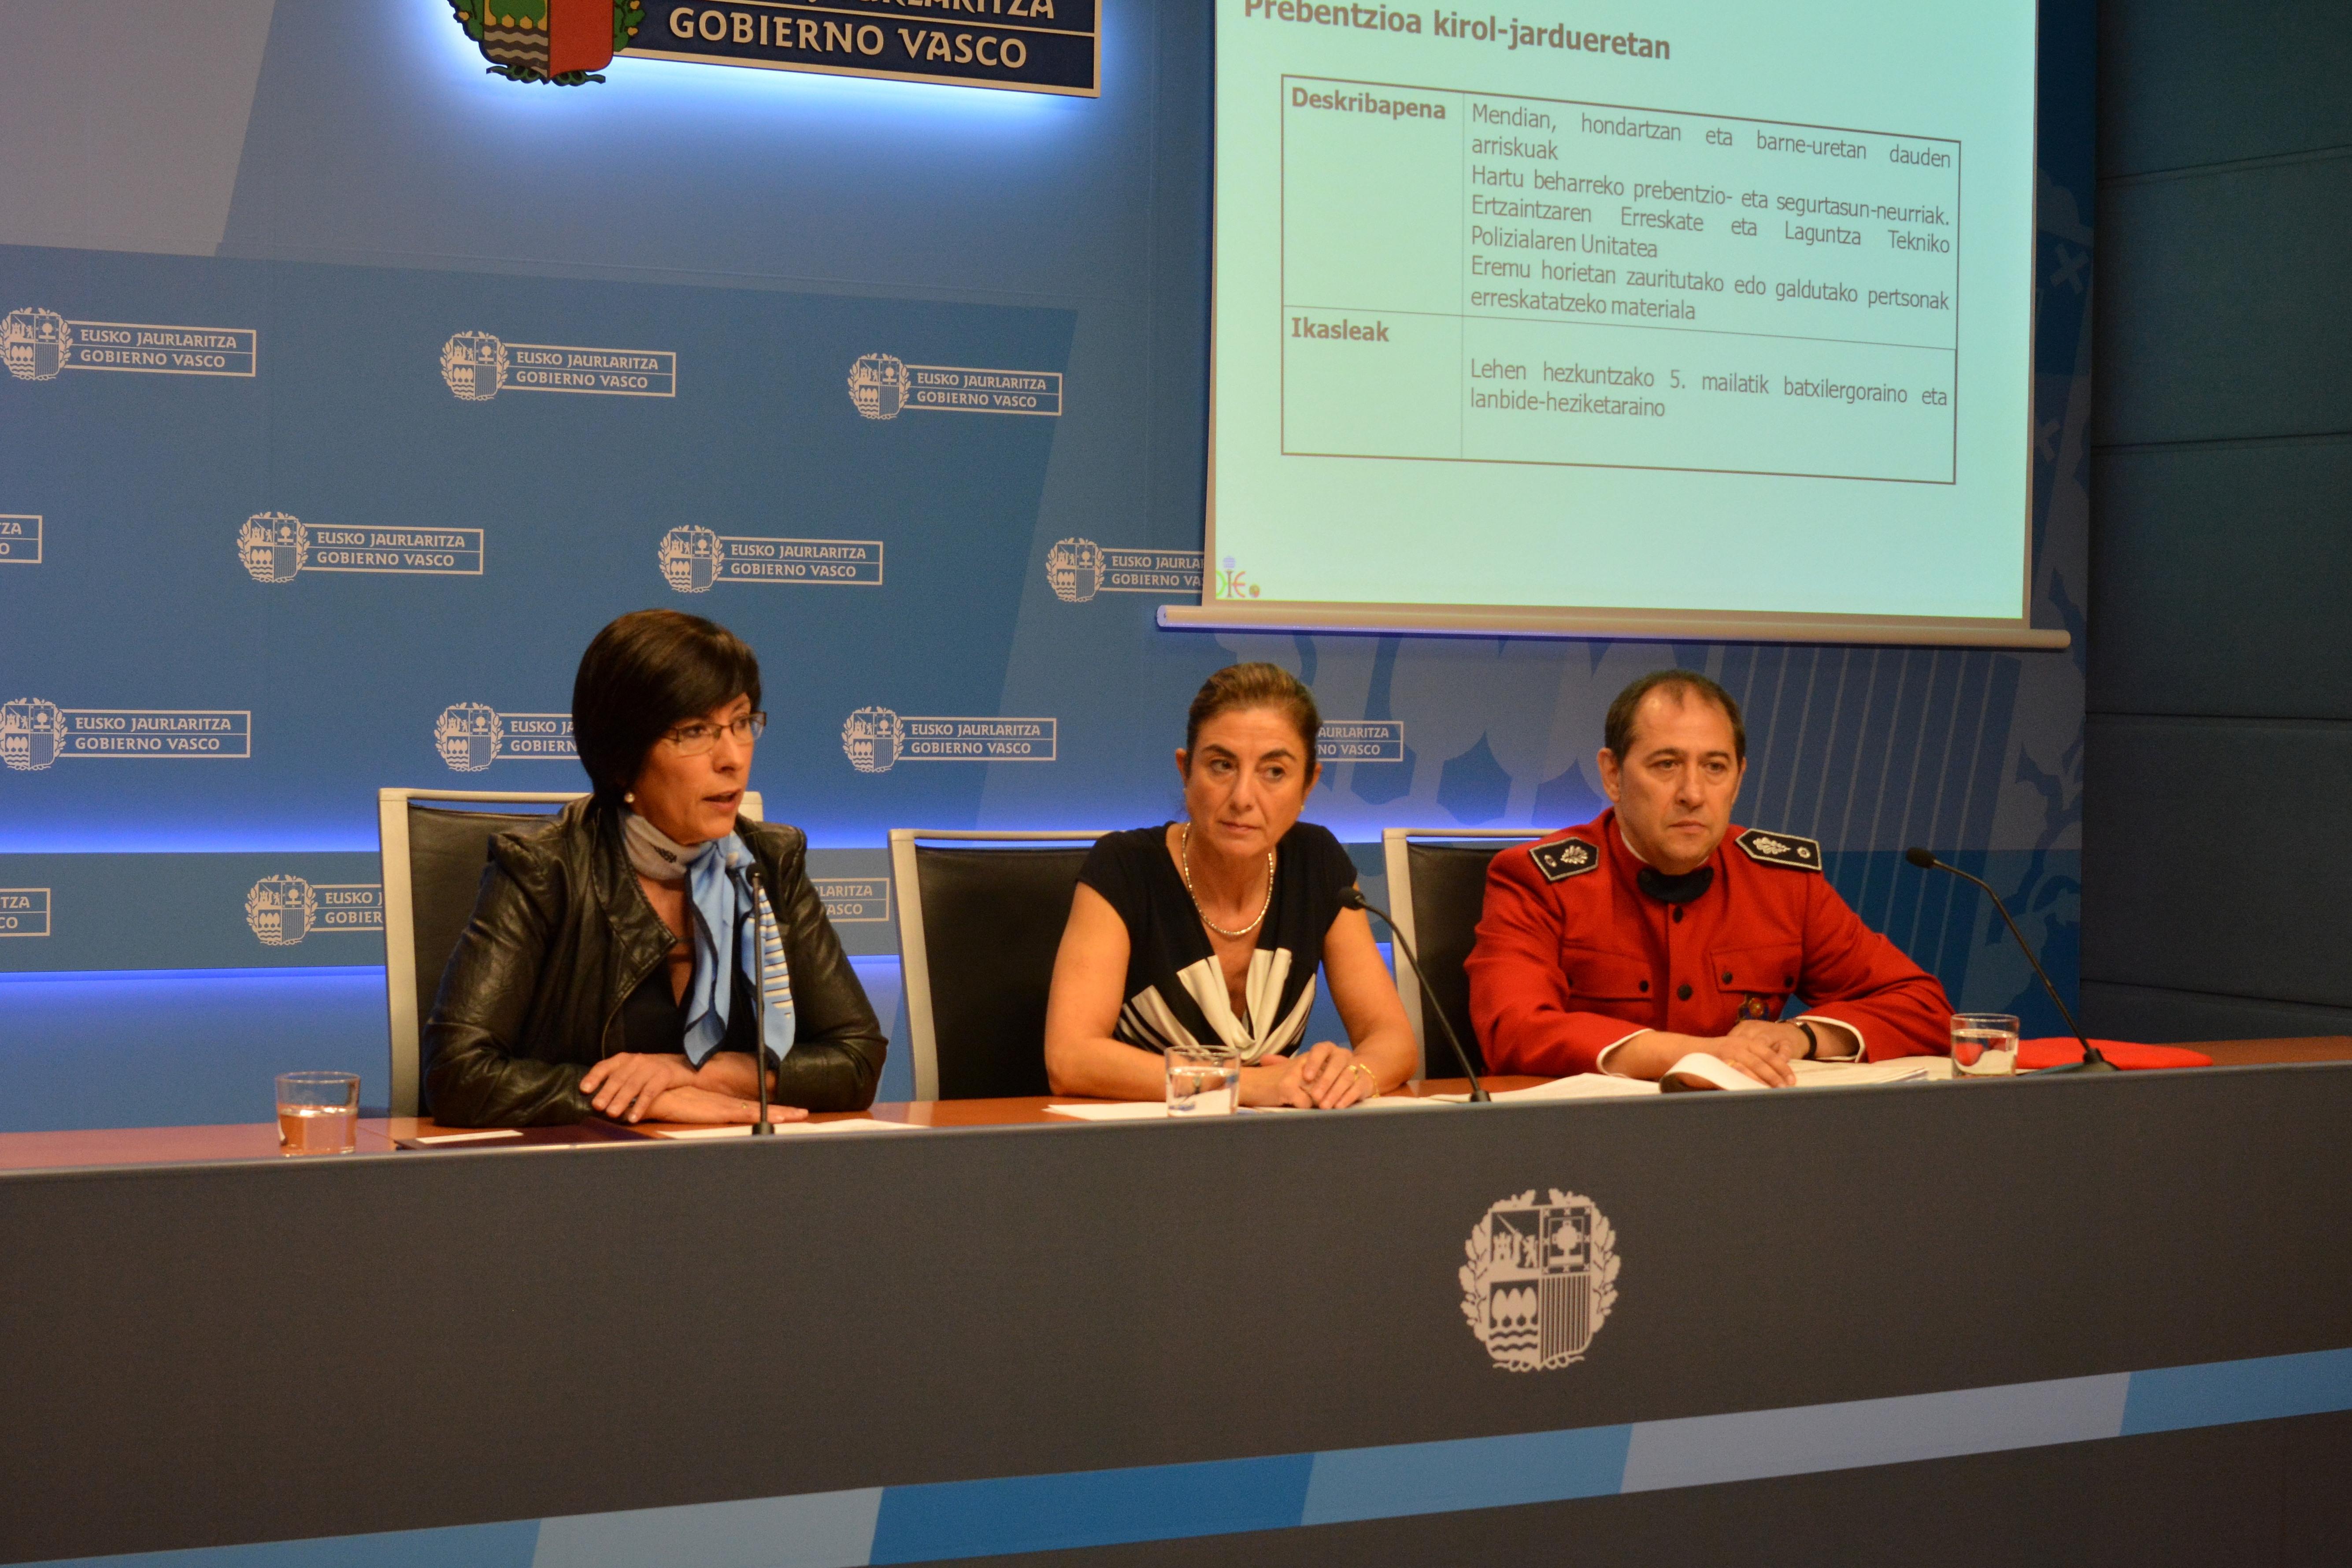 Un total de 150 ertzainas voluntarios impartirán charlas preventivas sobre ciberbullying, acoso escolar, consumo de drogas y seguridad vial en los centros escolares vascos  [31:32]